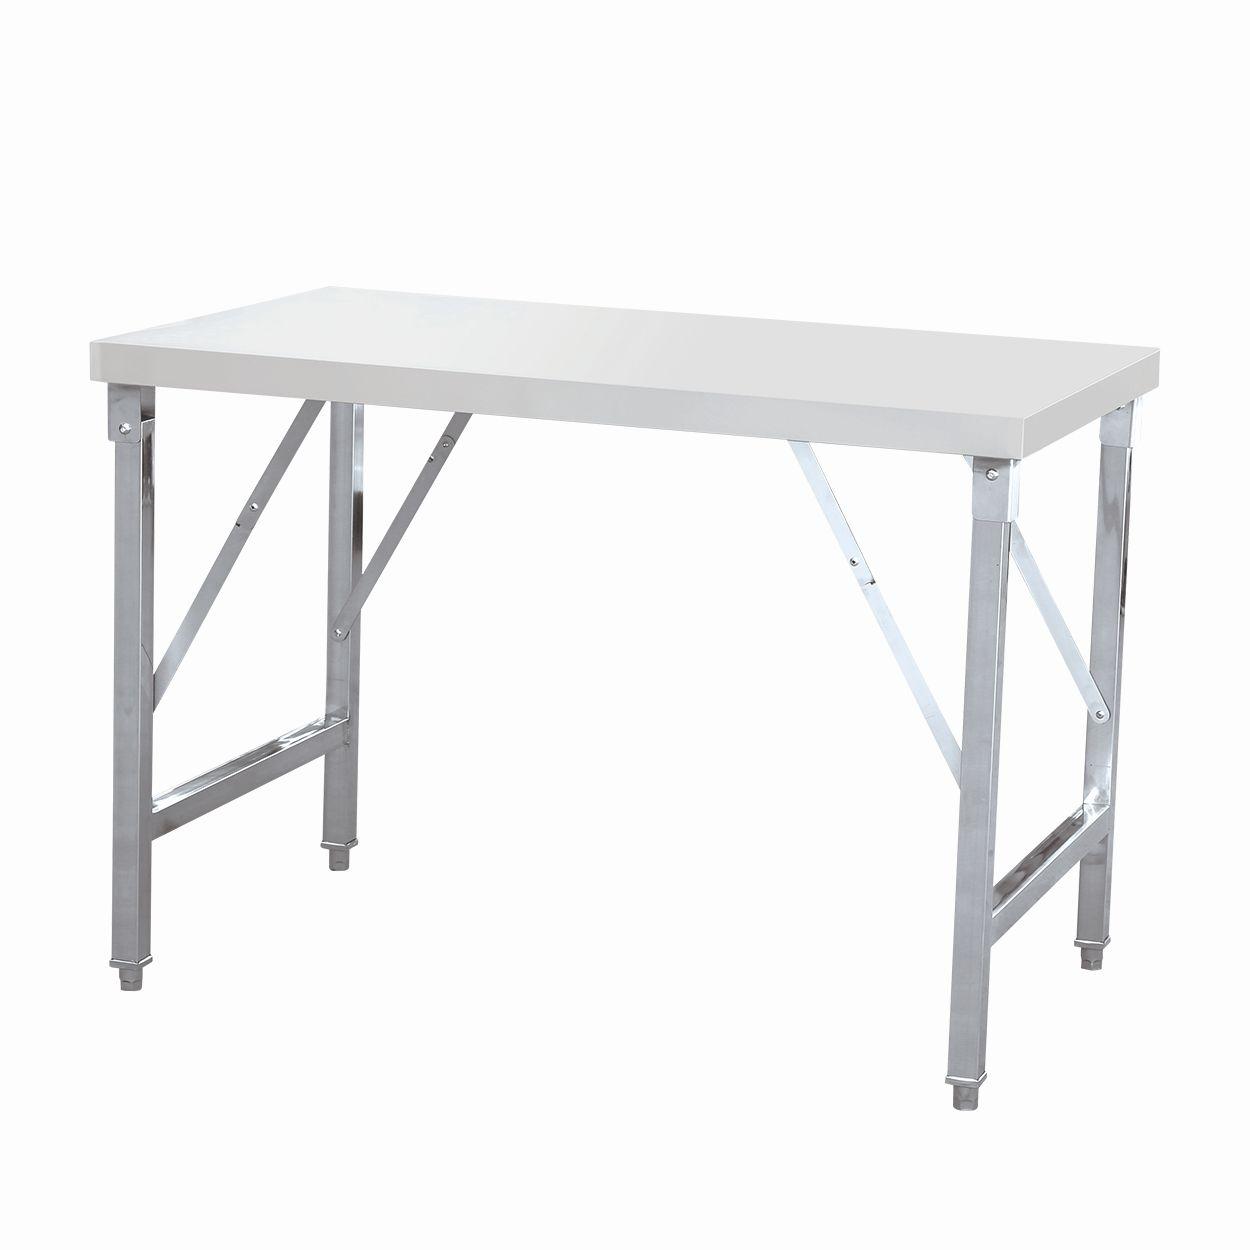 Tisch Aus Edelstahl Klappbar Fur Gastro Arbeitstisch 120 Cm Oder 150 Cm Lang Gs Multitrade